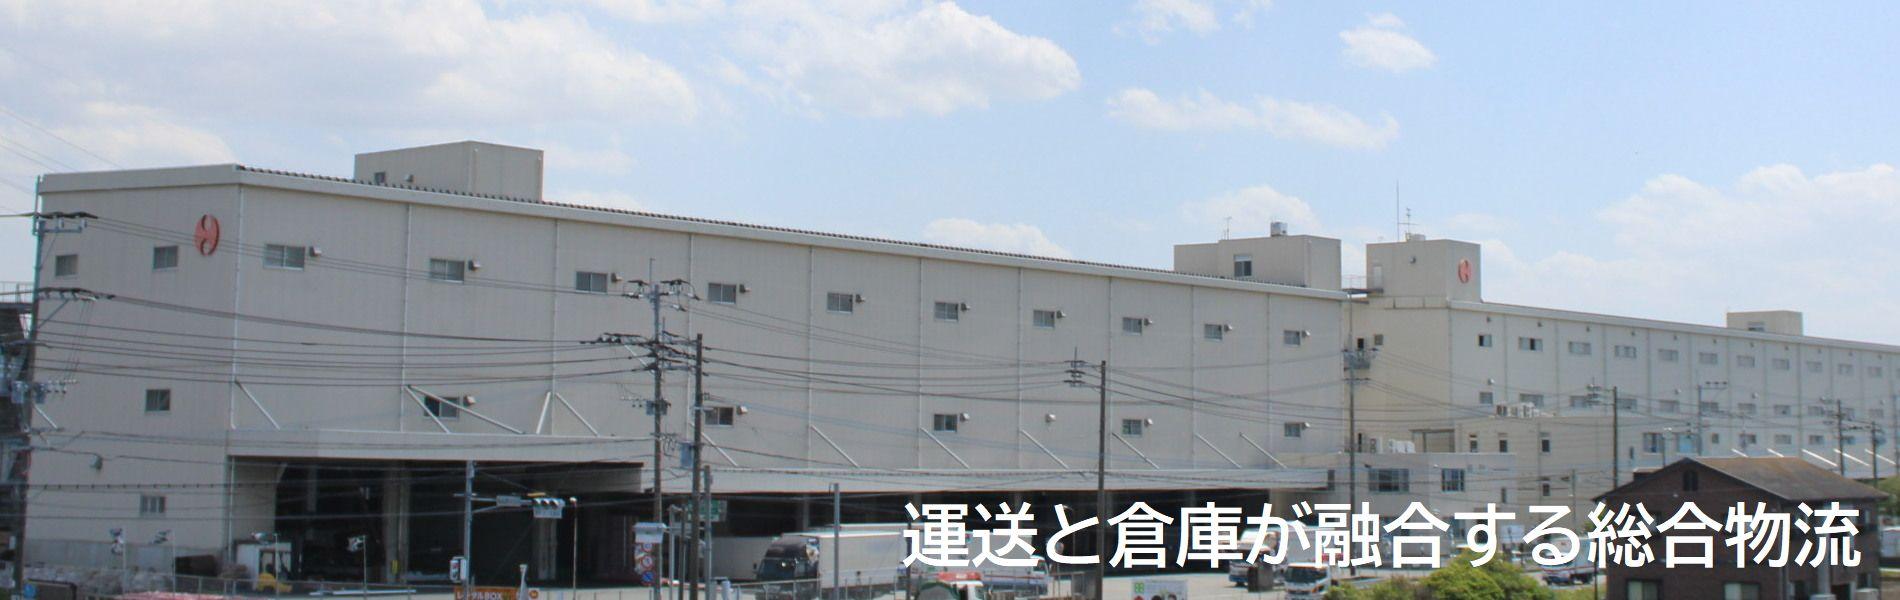 運送と倉庫が融合する物流ネットワーク